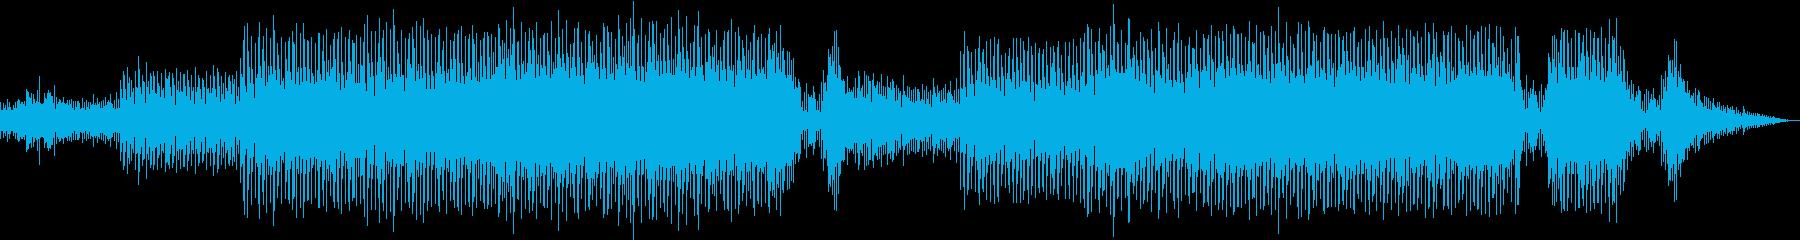 不思議な浮遊感を感じるエレクトロニカの再生済みの波形